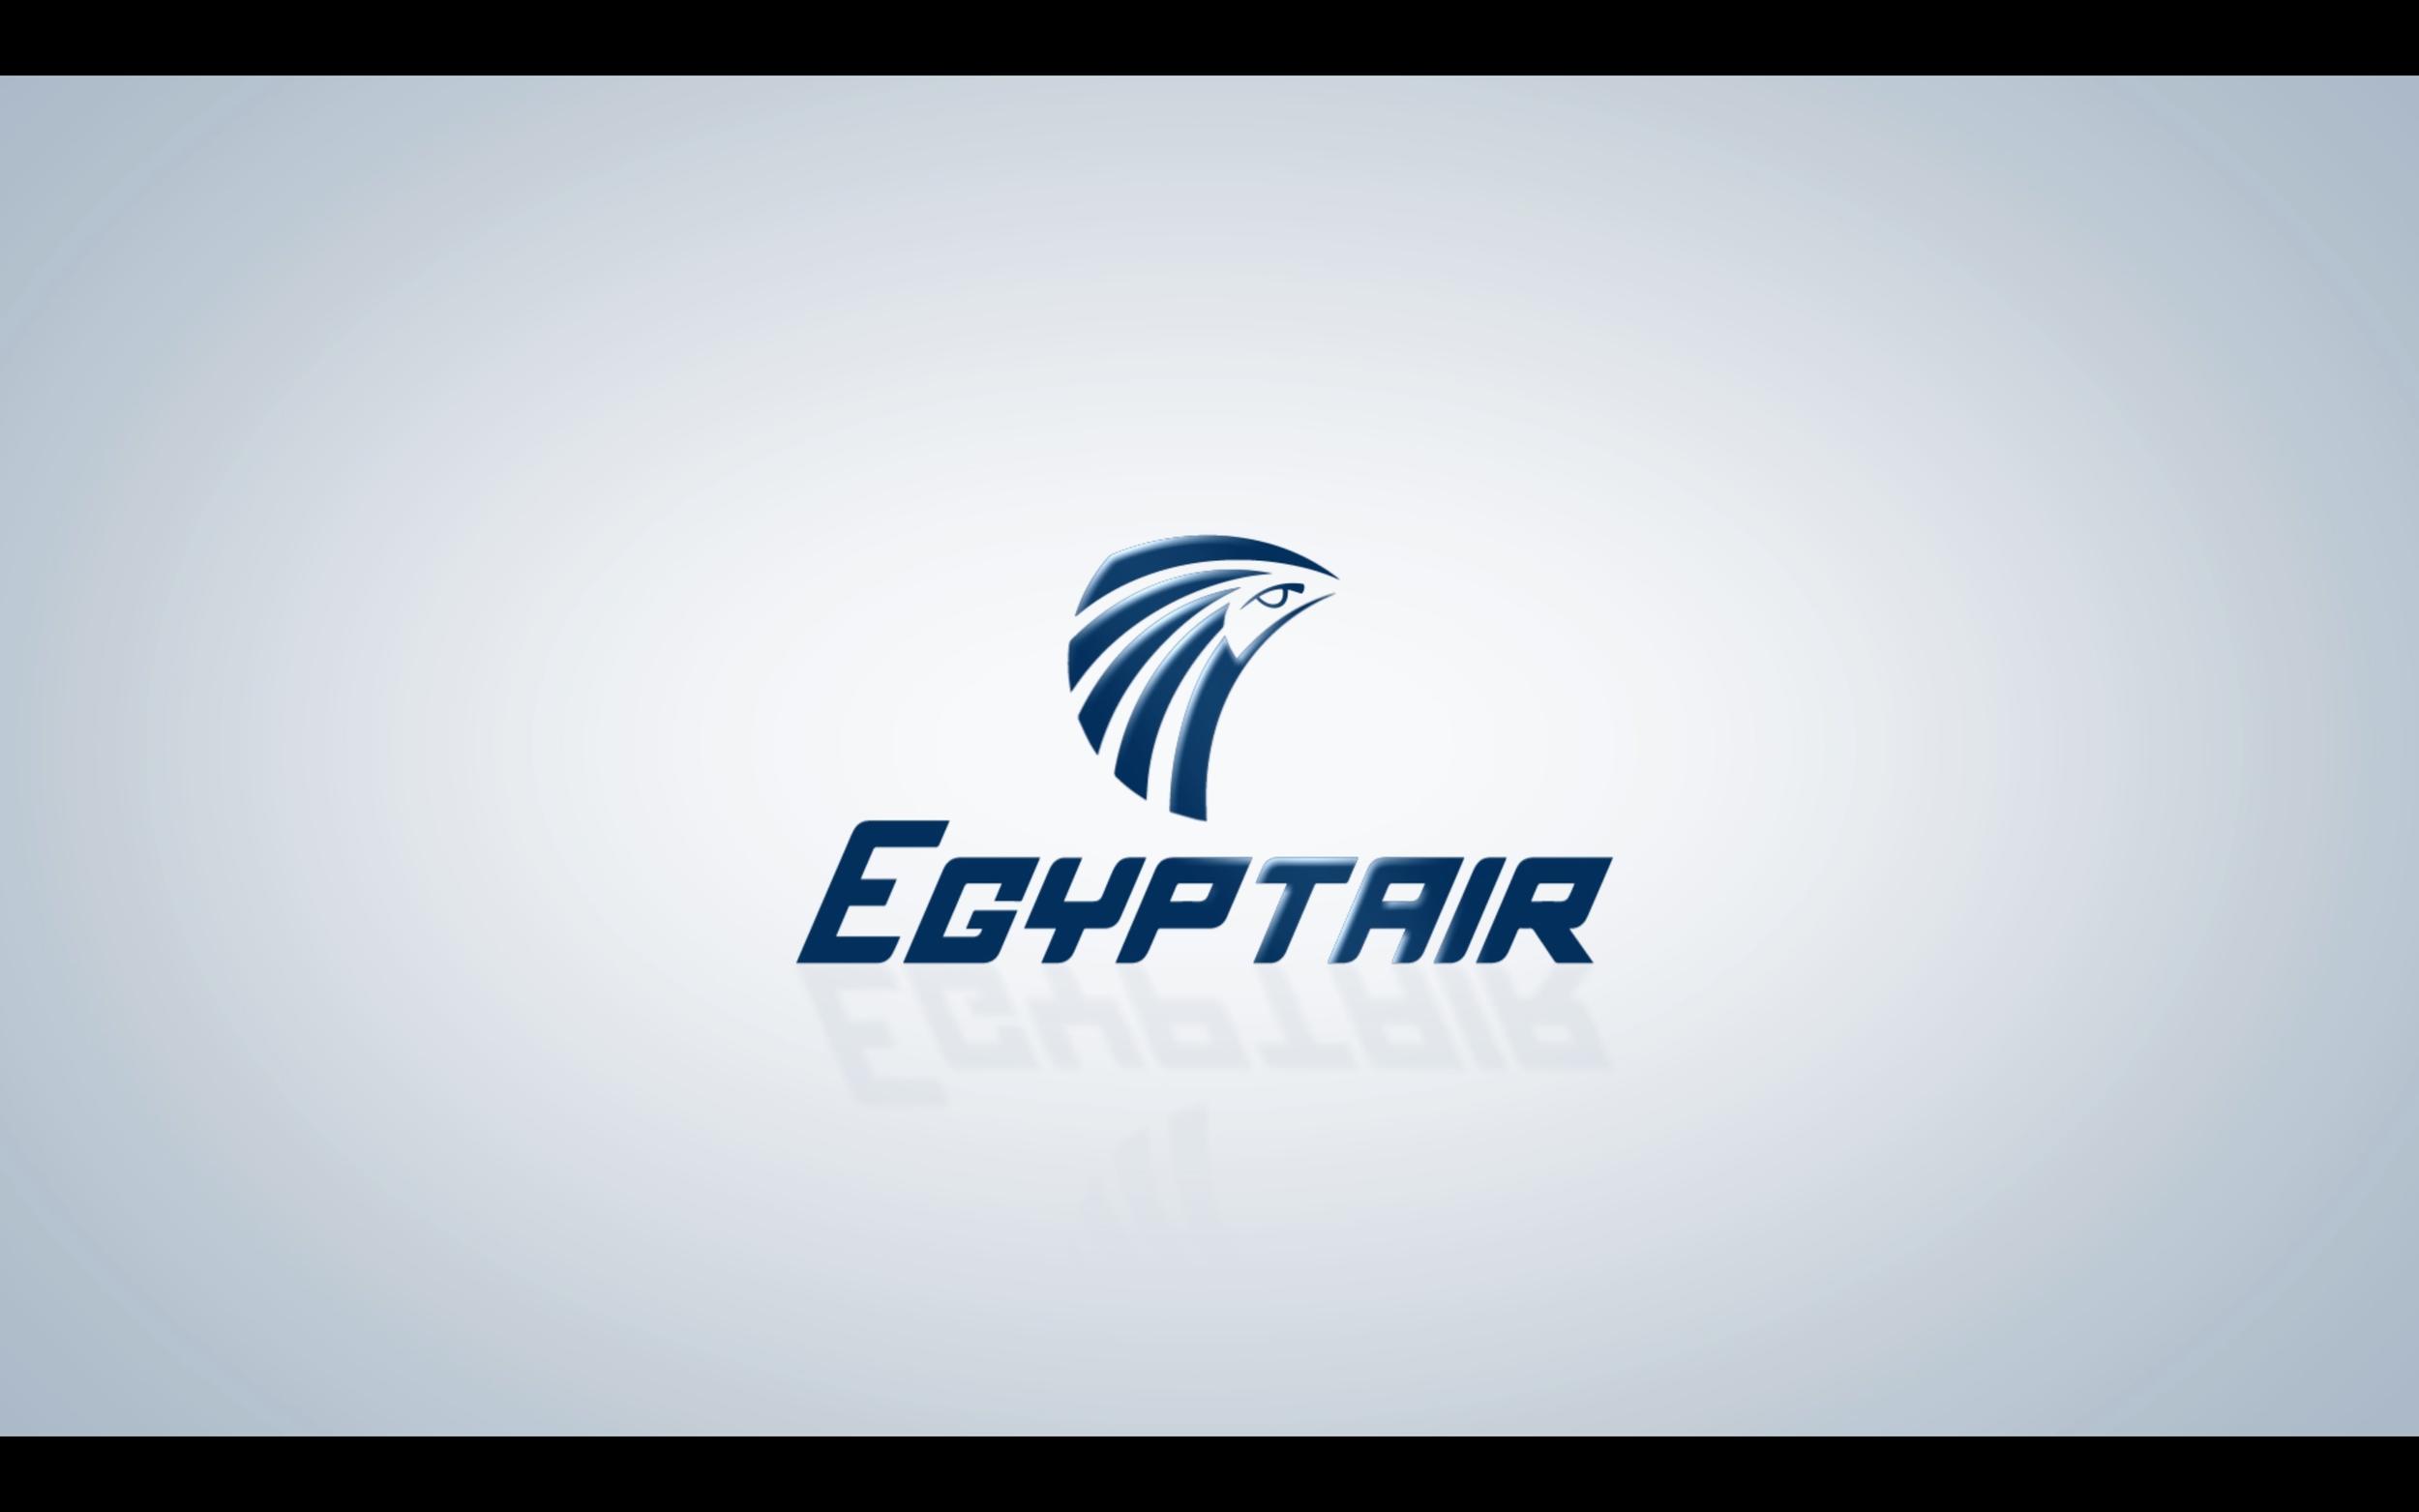 mg_Egyptair_cover